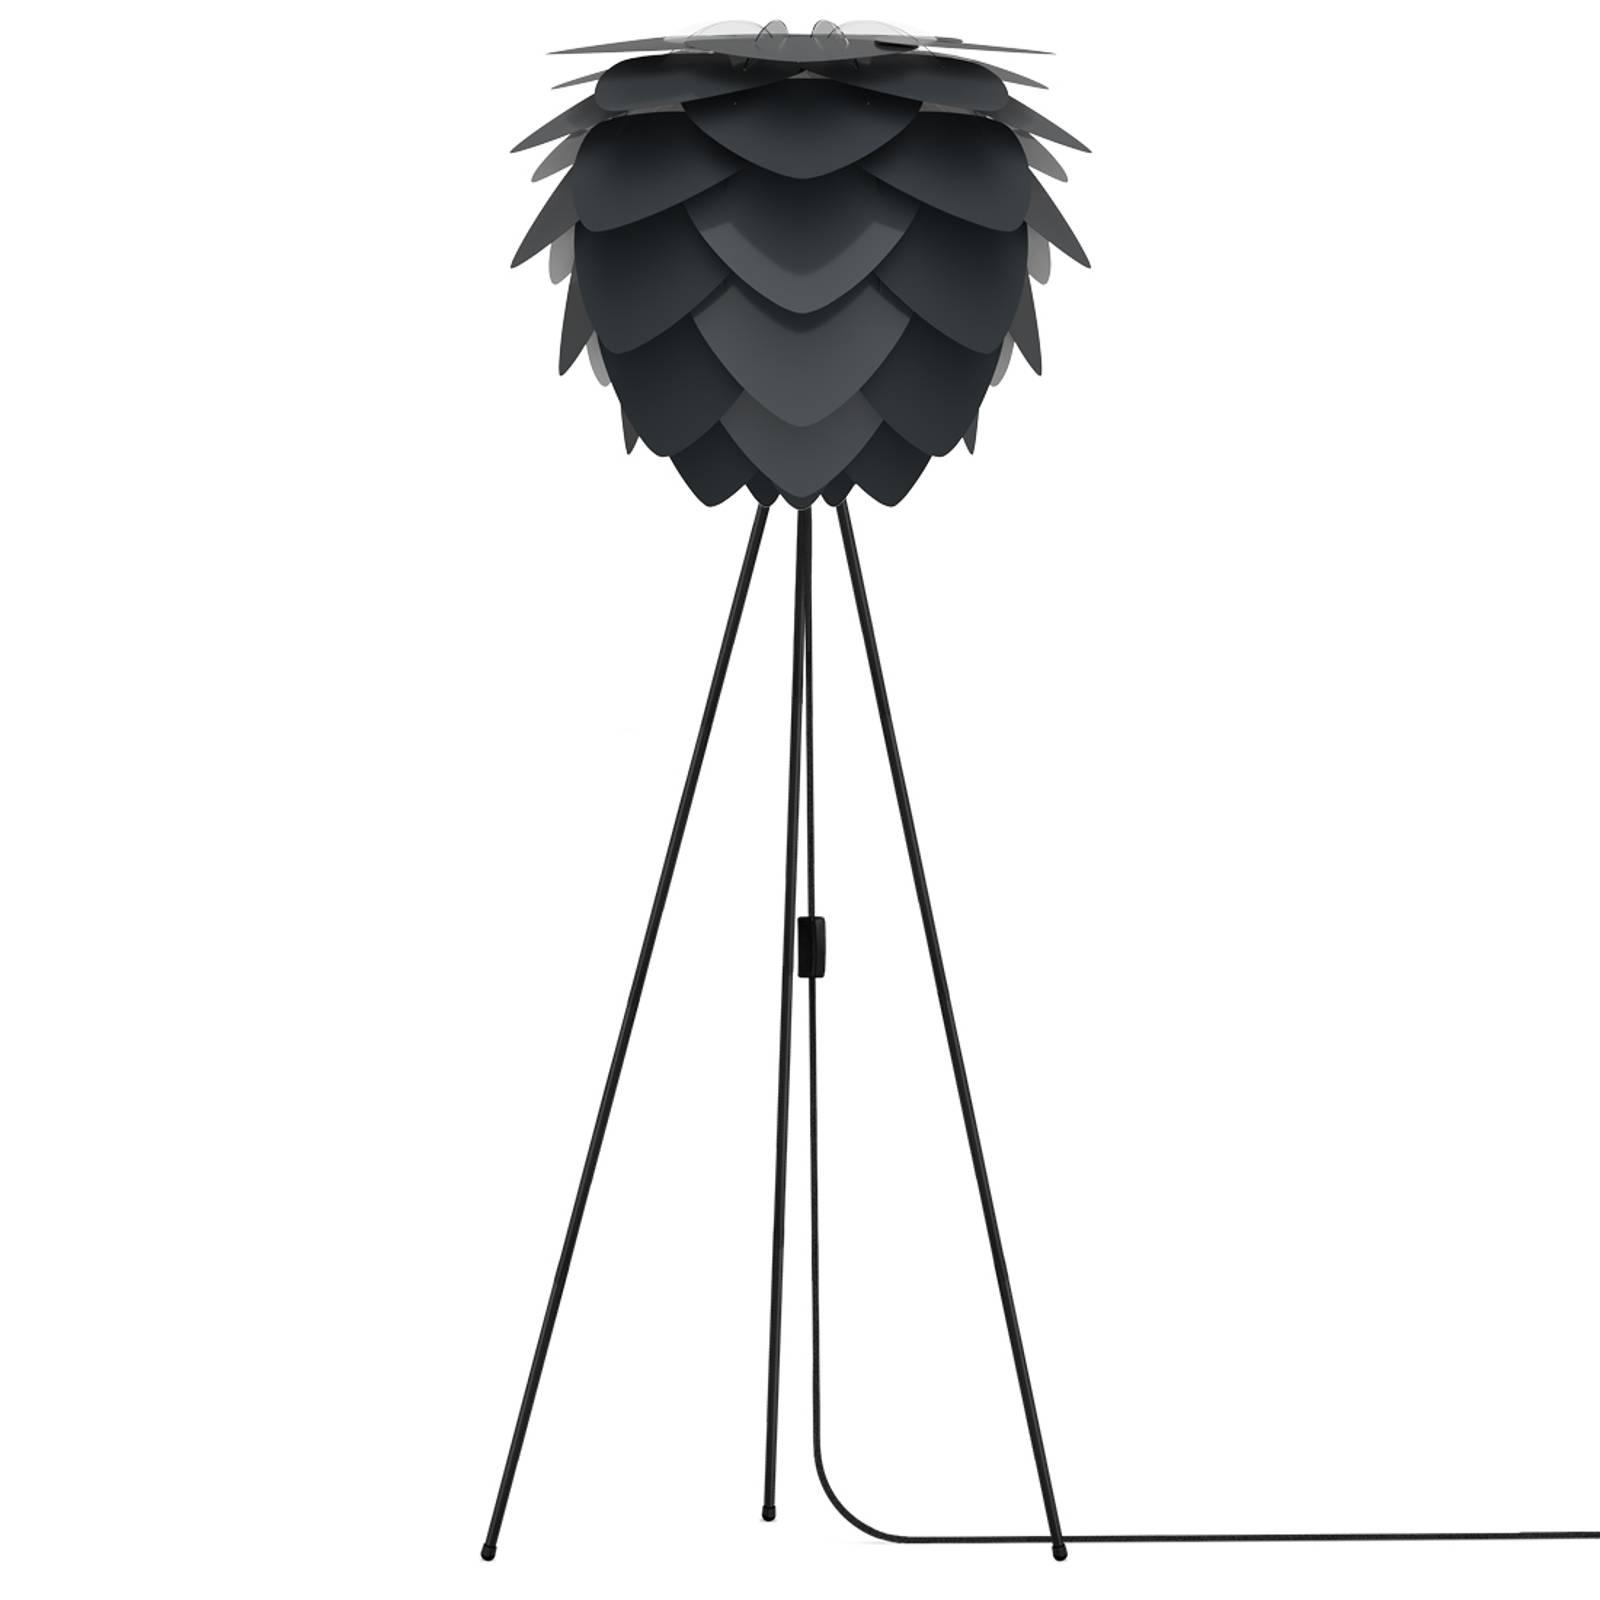 Trójnożna lampa stojąca Aluvia medium, antracytowa